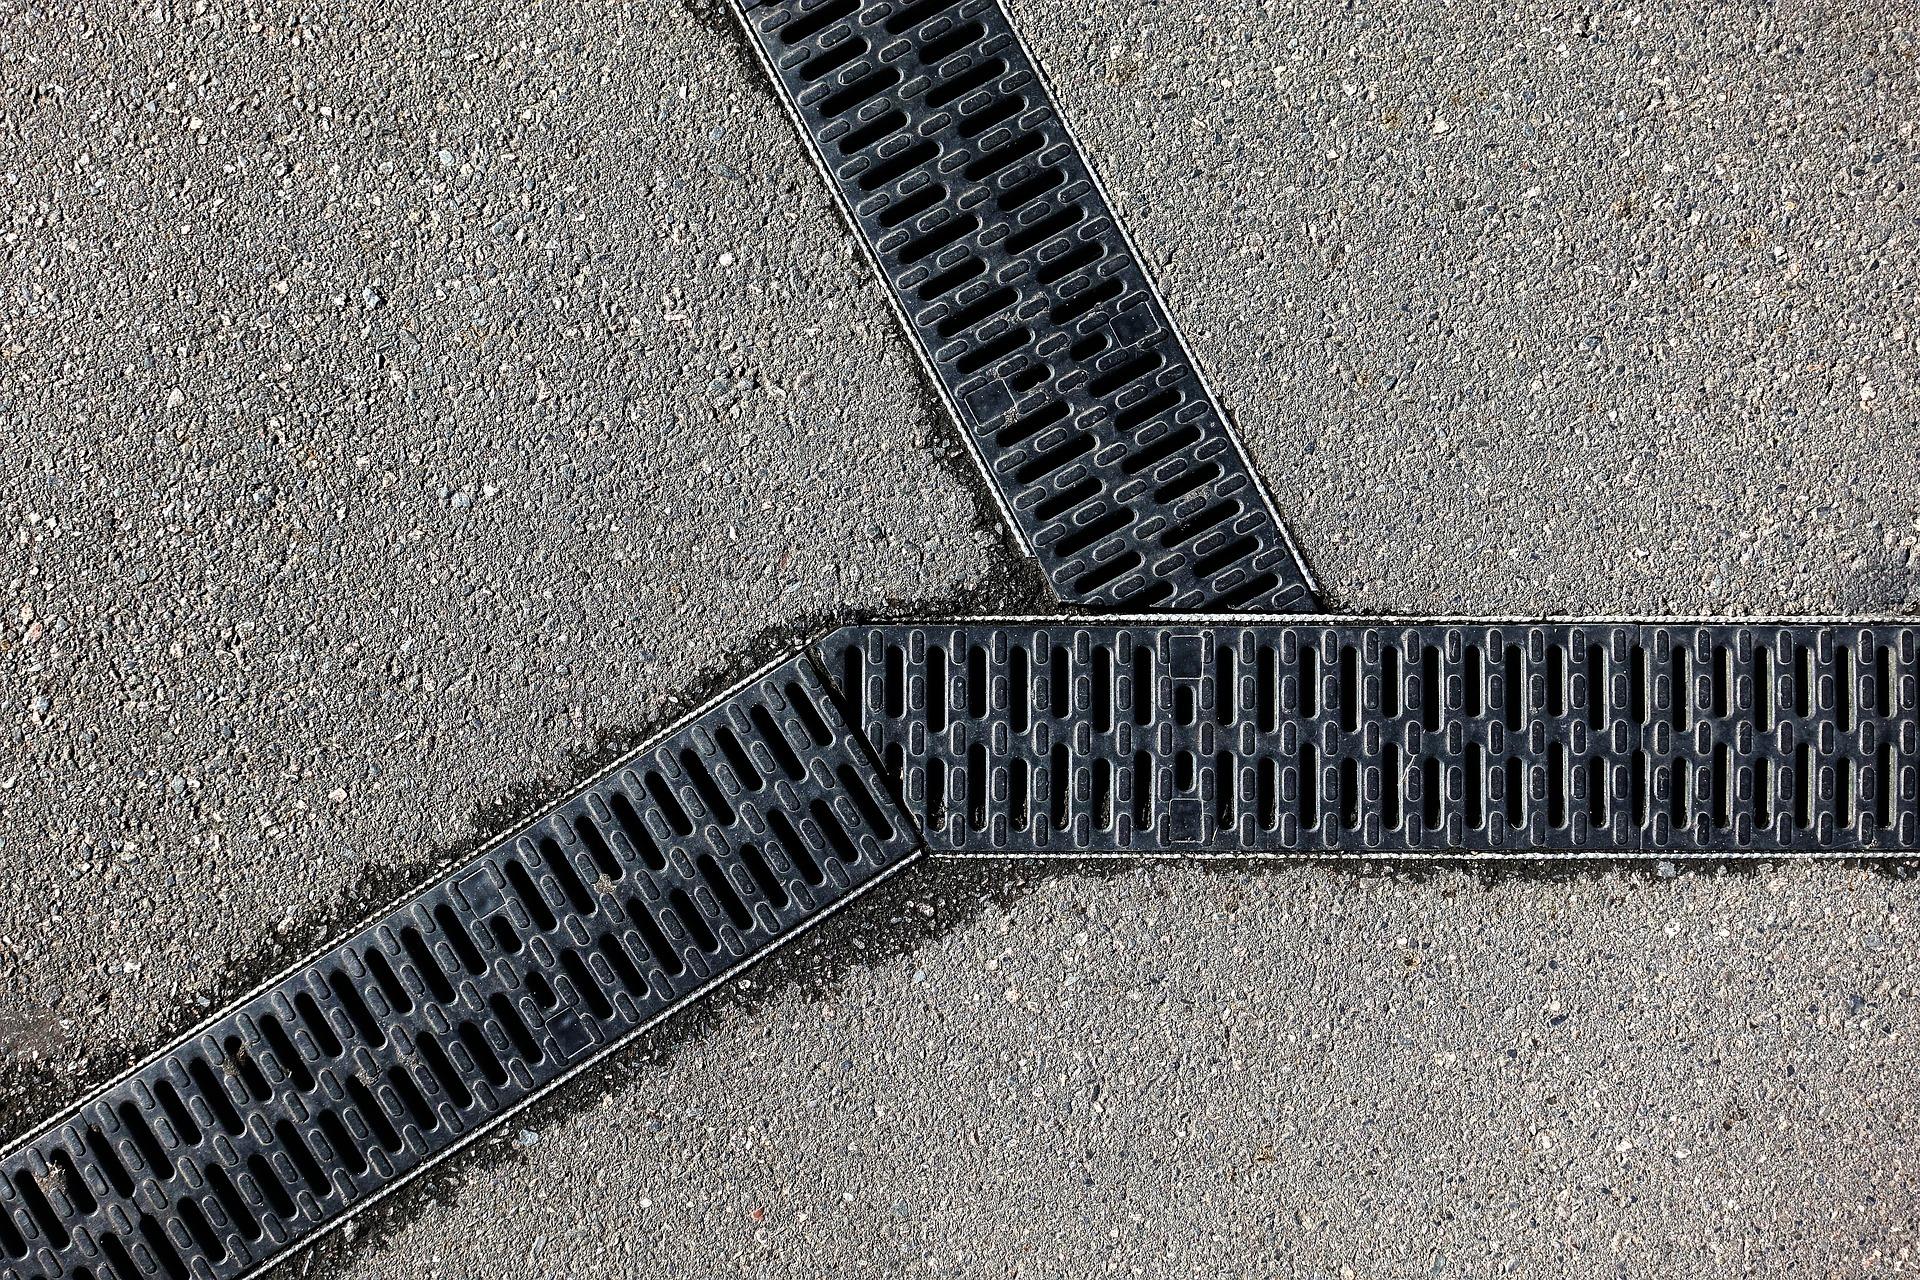 Rješenja površinske odvodnje su separatori lakih tekućina i separatori masti